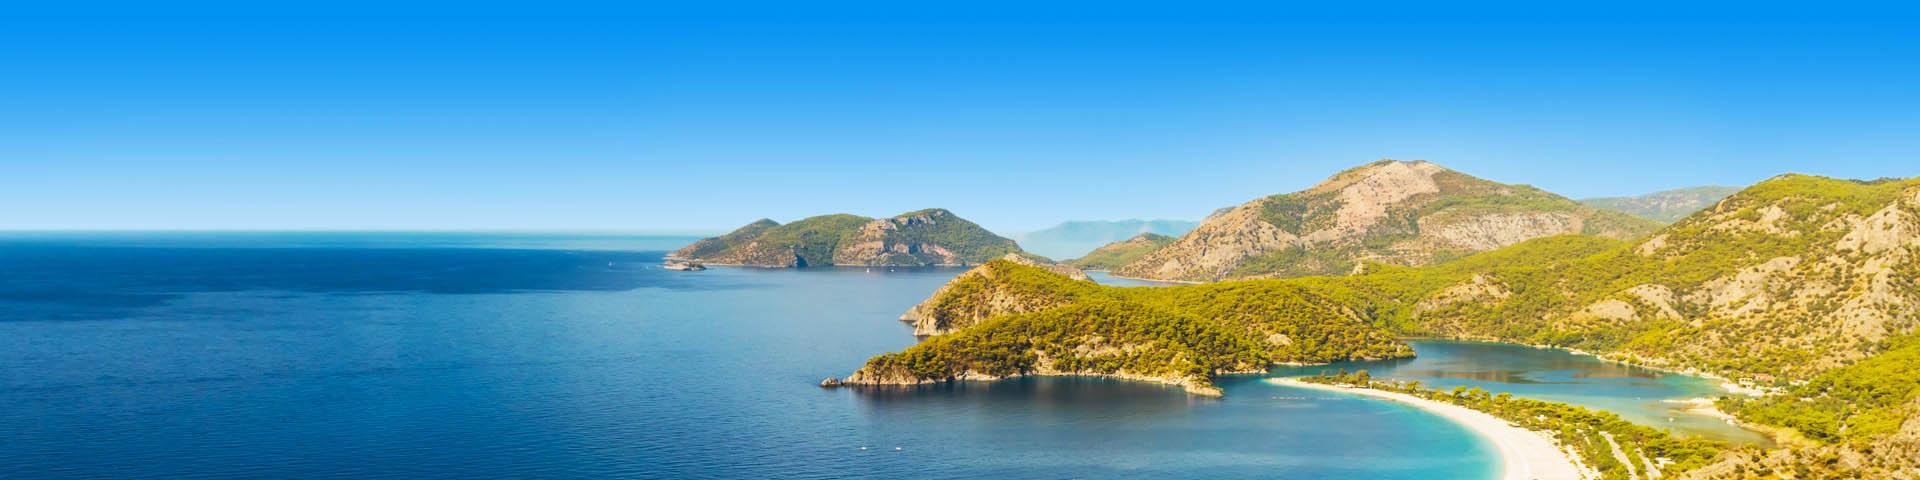 Panorama van zee en gebergte in Turkije